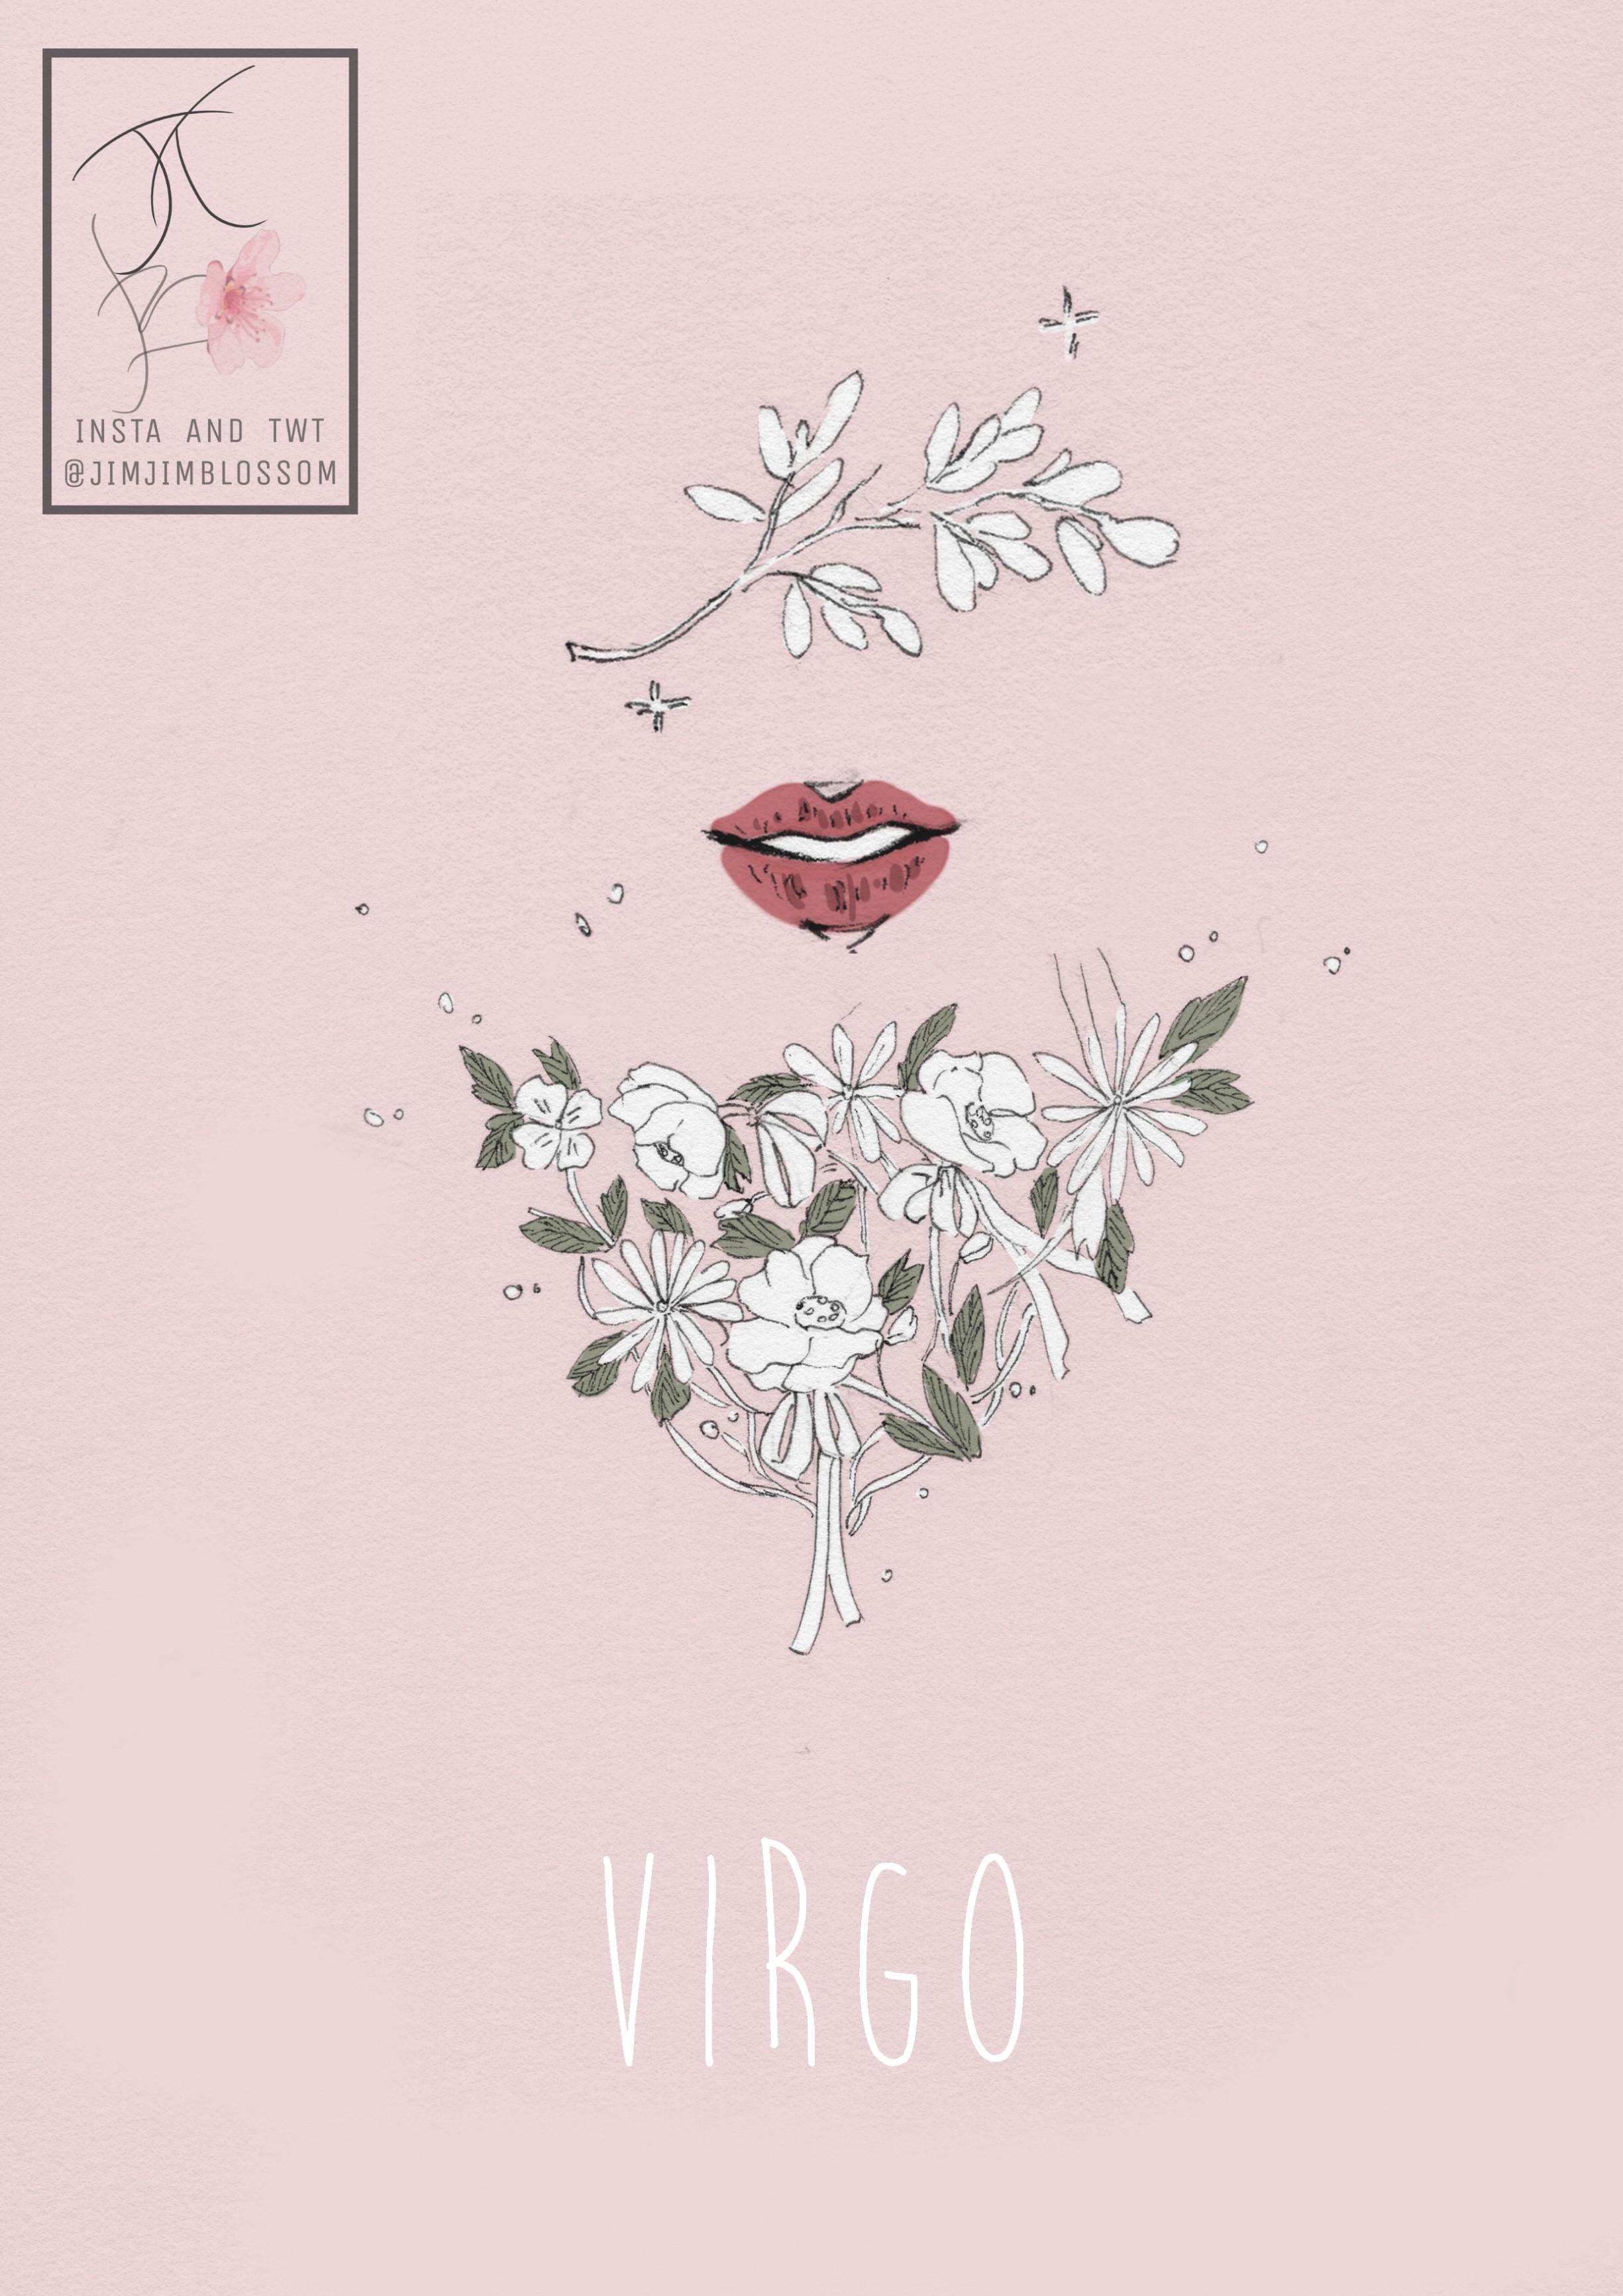 đôi môi hiện lên giữa nhưng đóa hoa - cung hoàng đạo Xử Nữ